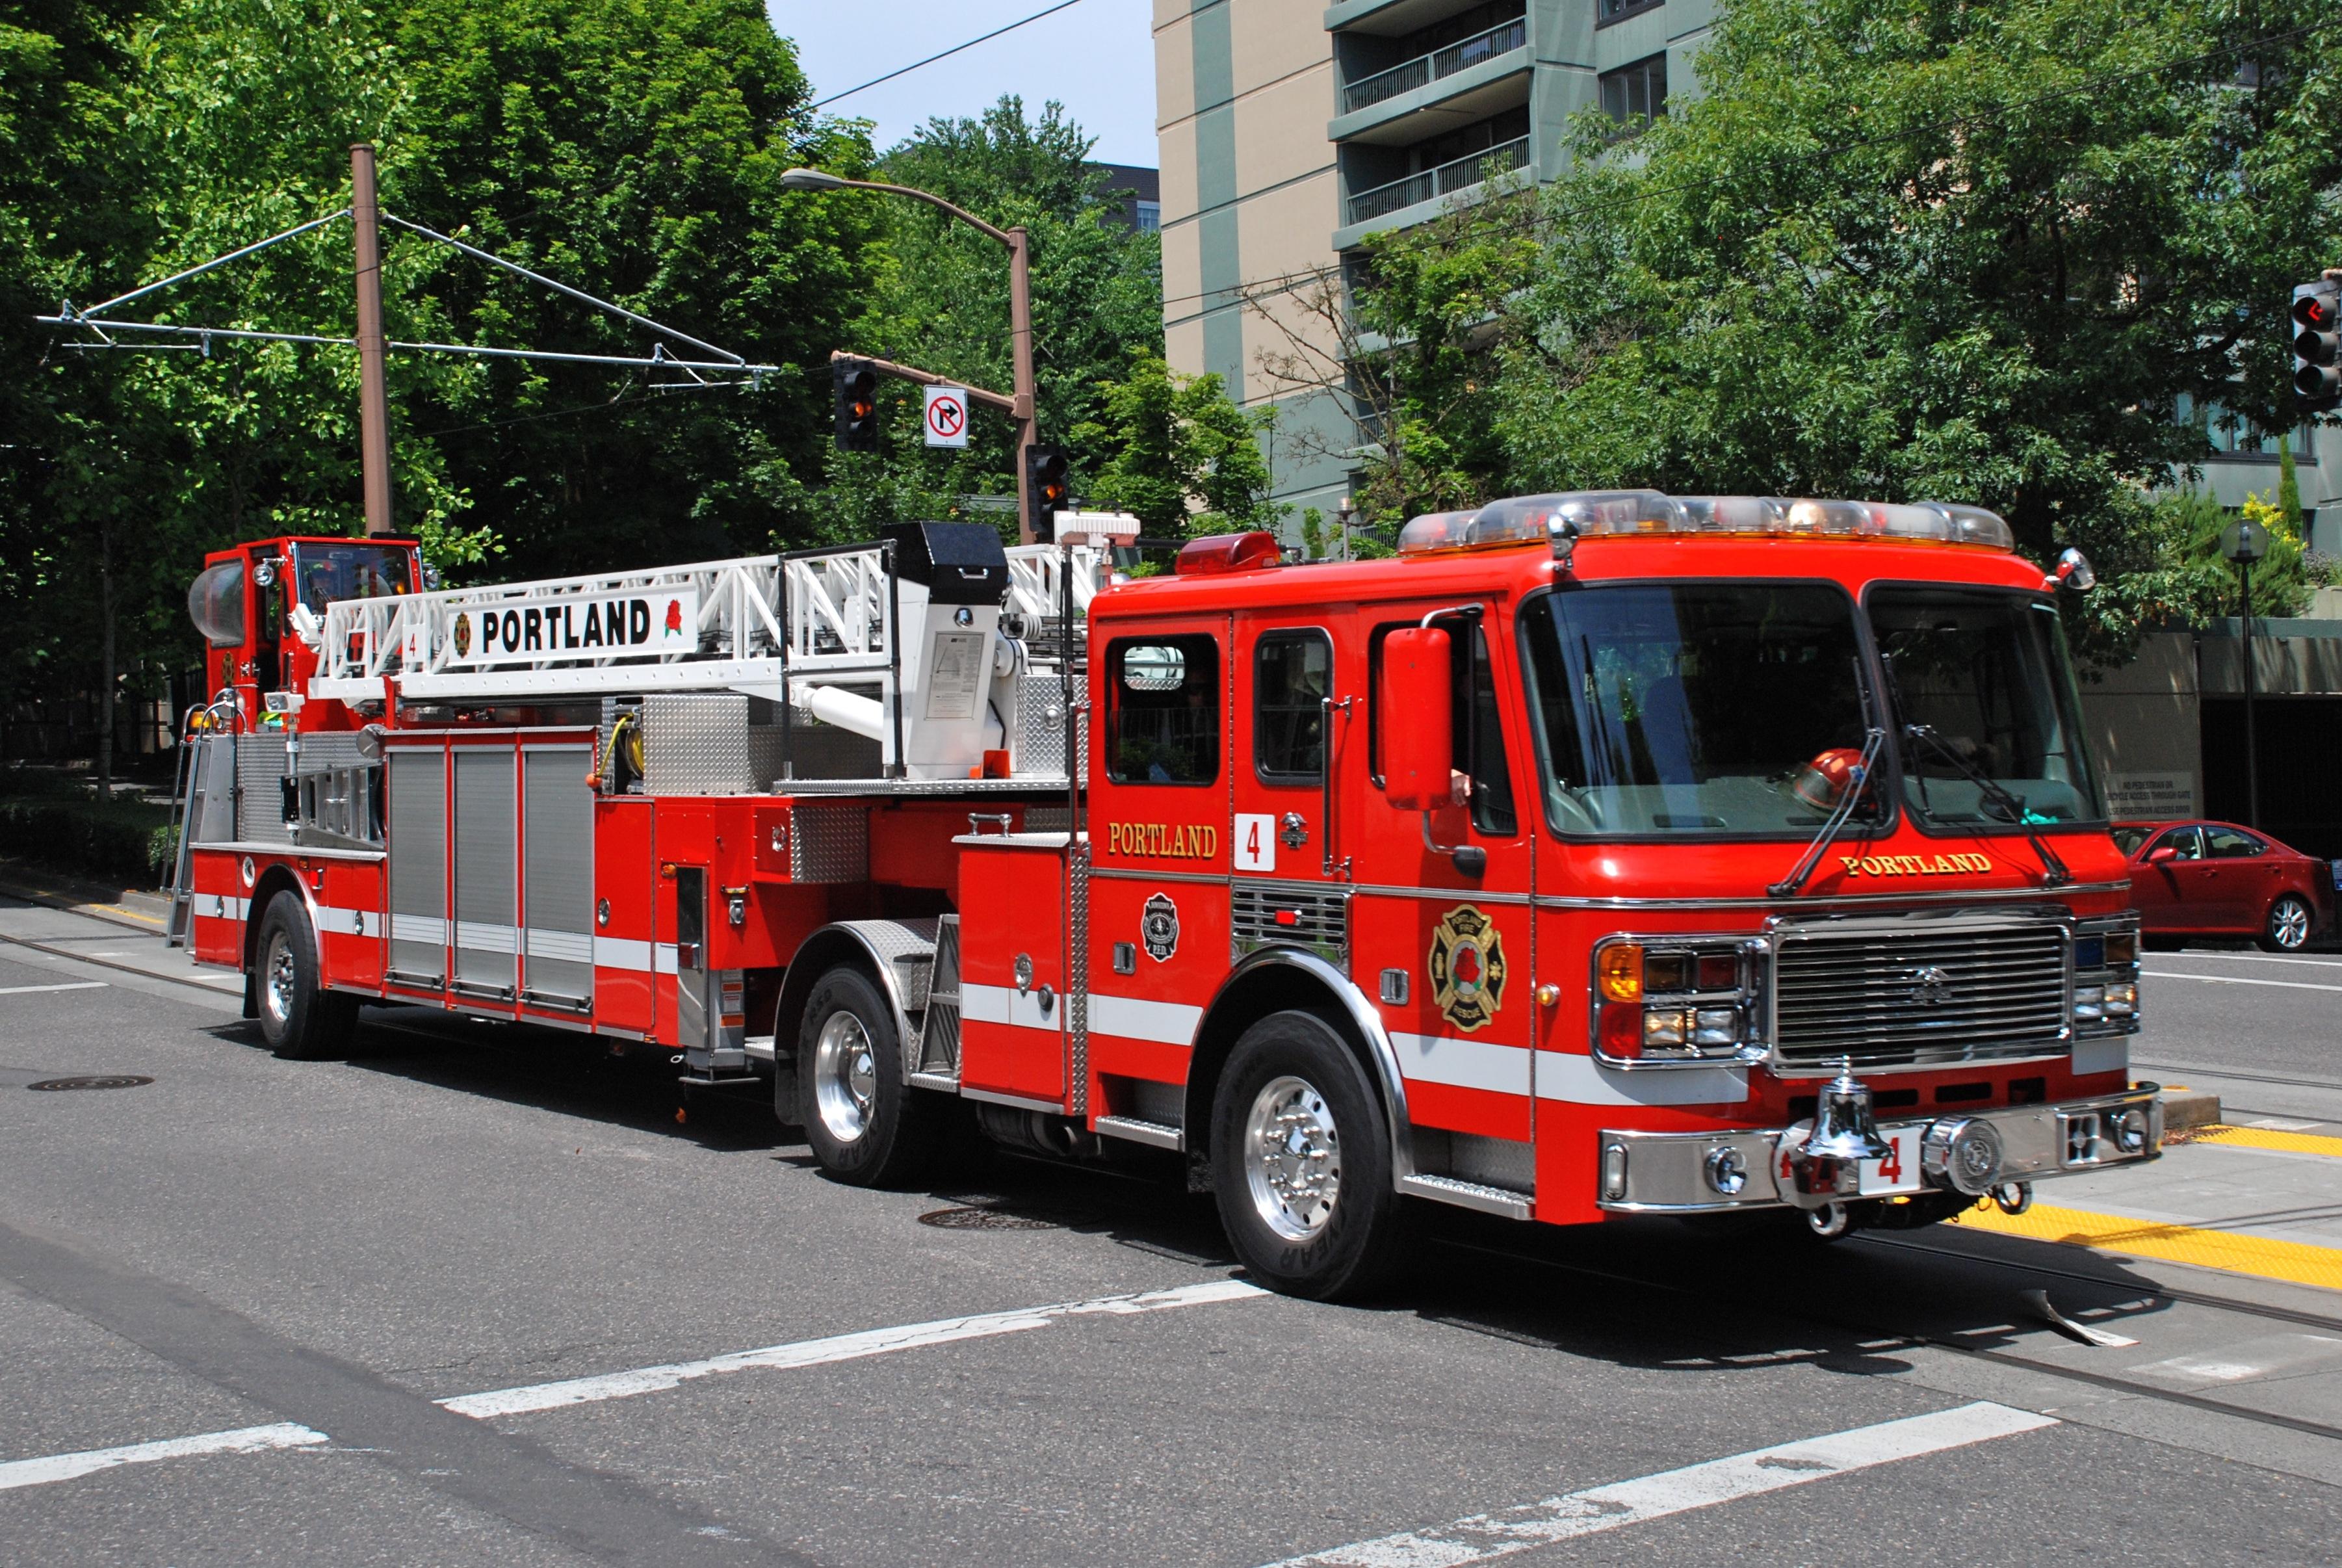 File:Portland Fire & Rescue ladder truck 4 in 2013.jpg - Wikimedia ...